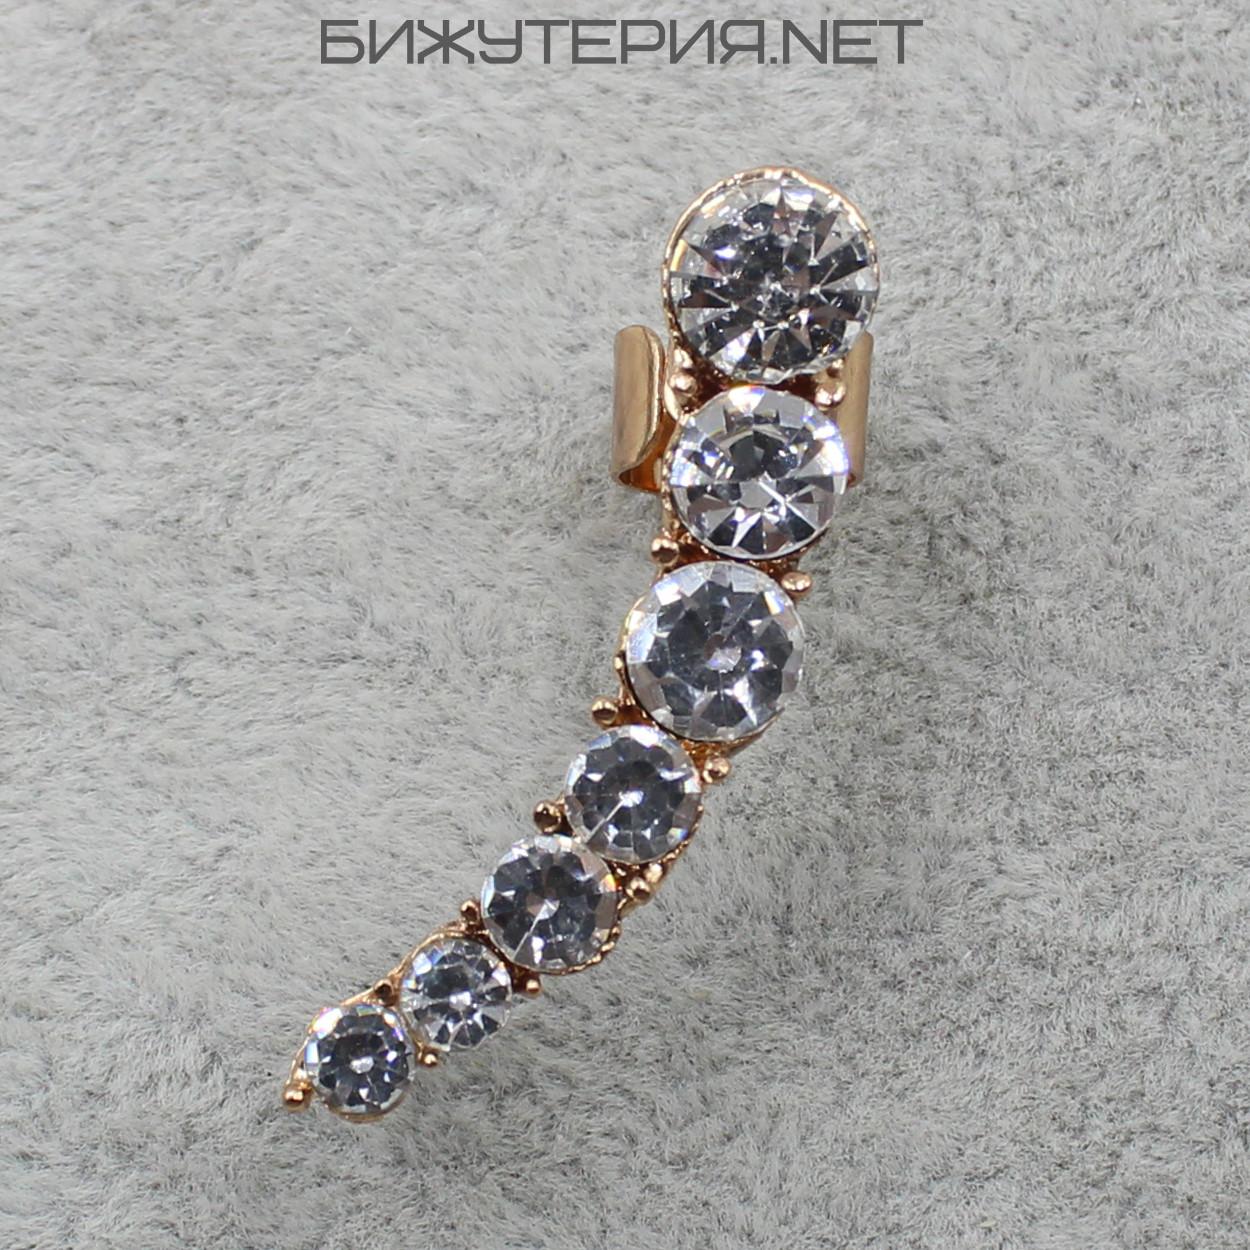 Серьги Каффы JB с кристаллами  - 1064823781